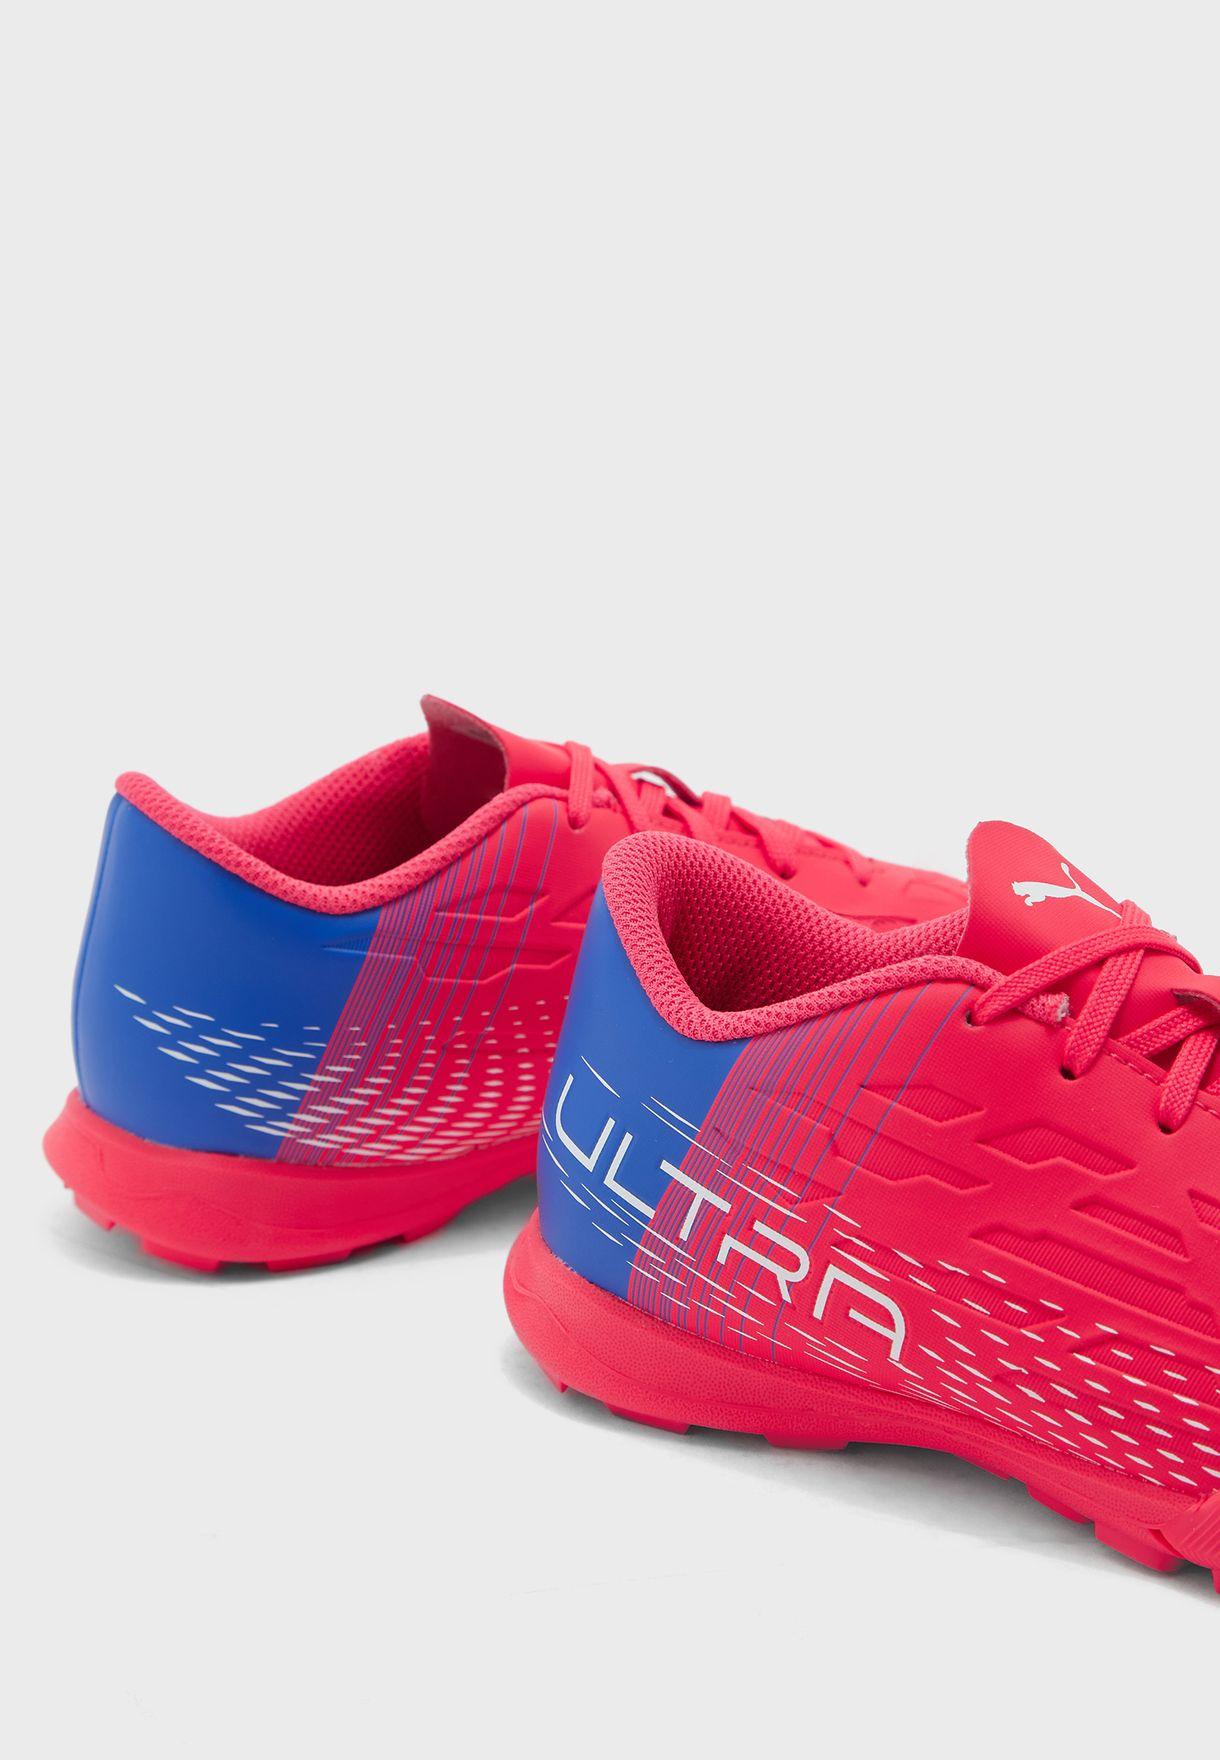 حذاء الترا 4.3 تيرف